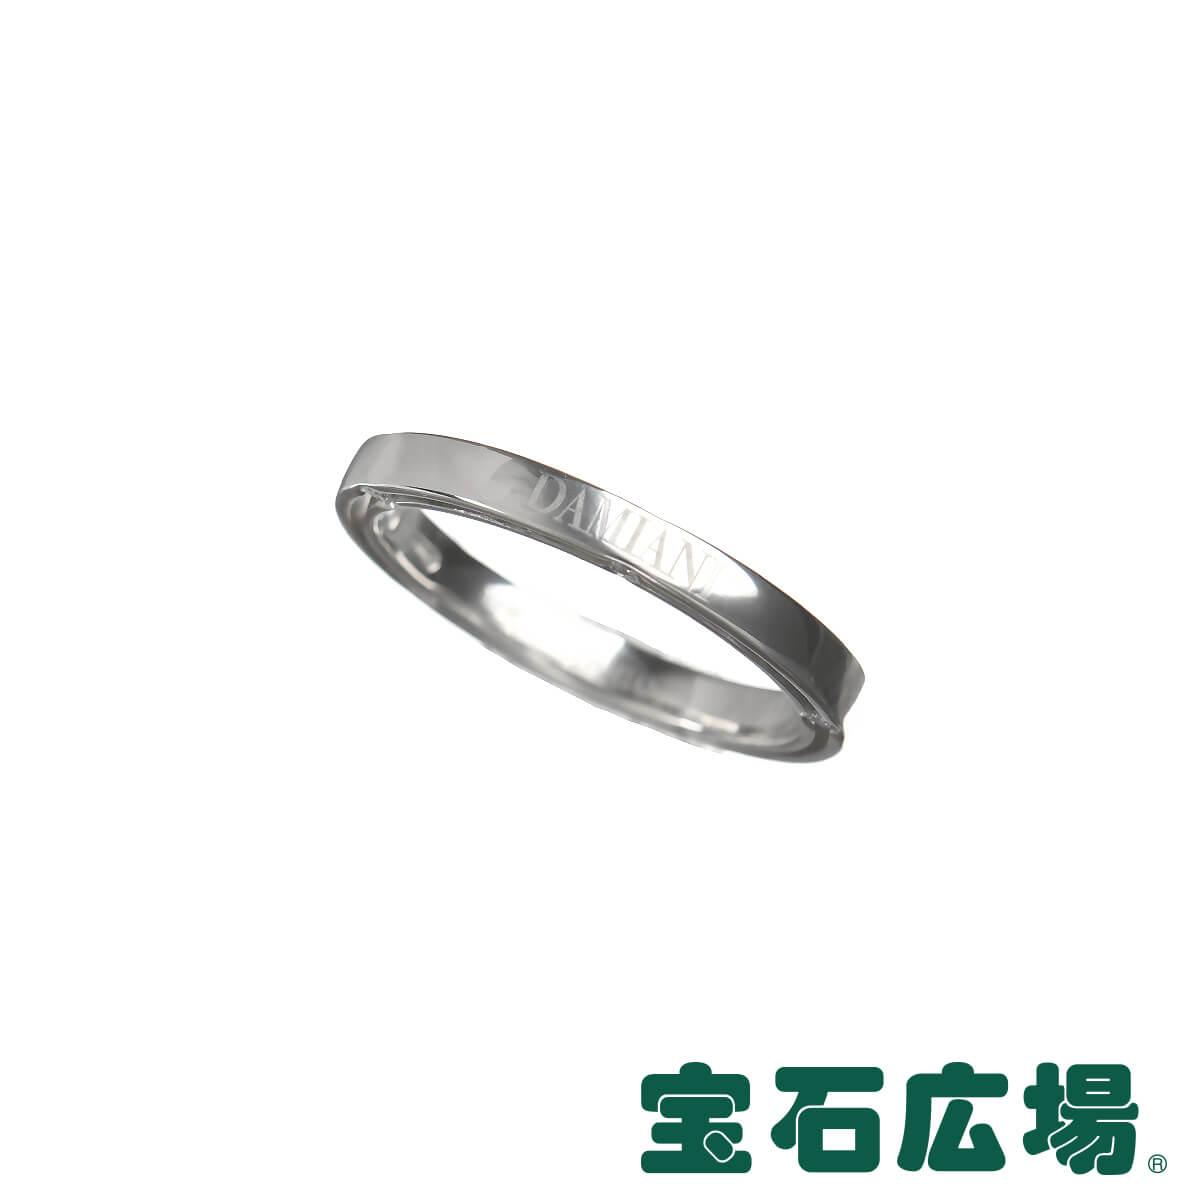 ダミアーニ DAMIANI ダイヤサイド 10Pダイヤ リング 20053388【中古】 ジュエリー 送料無料